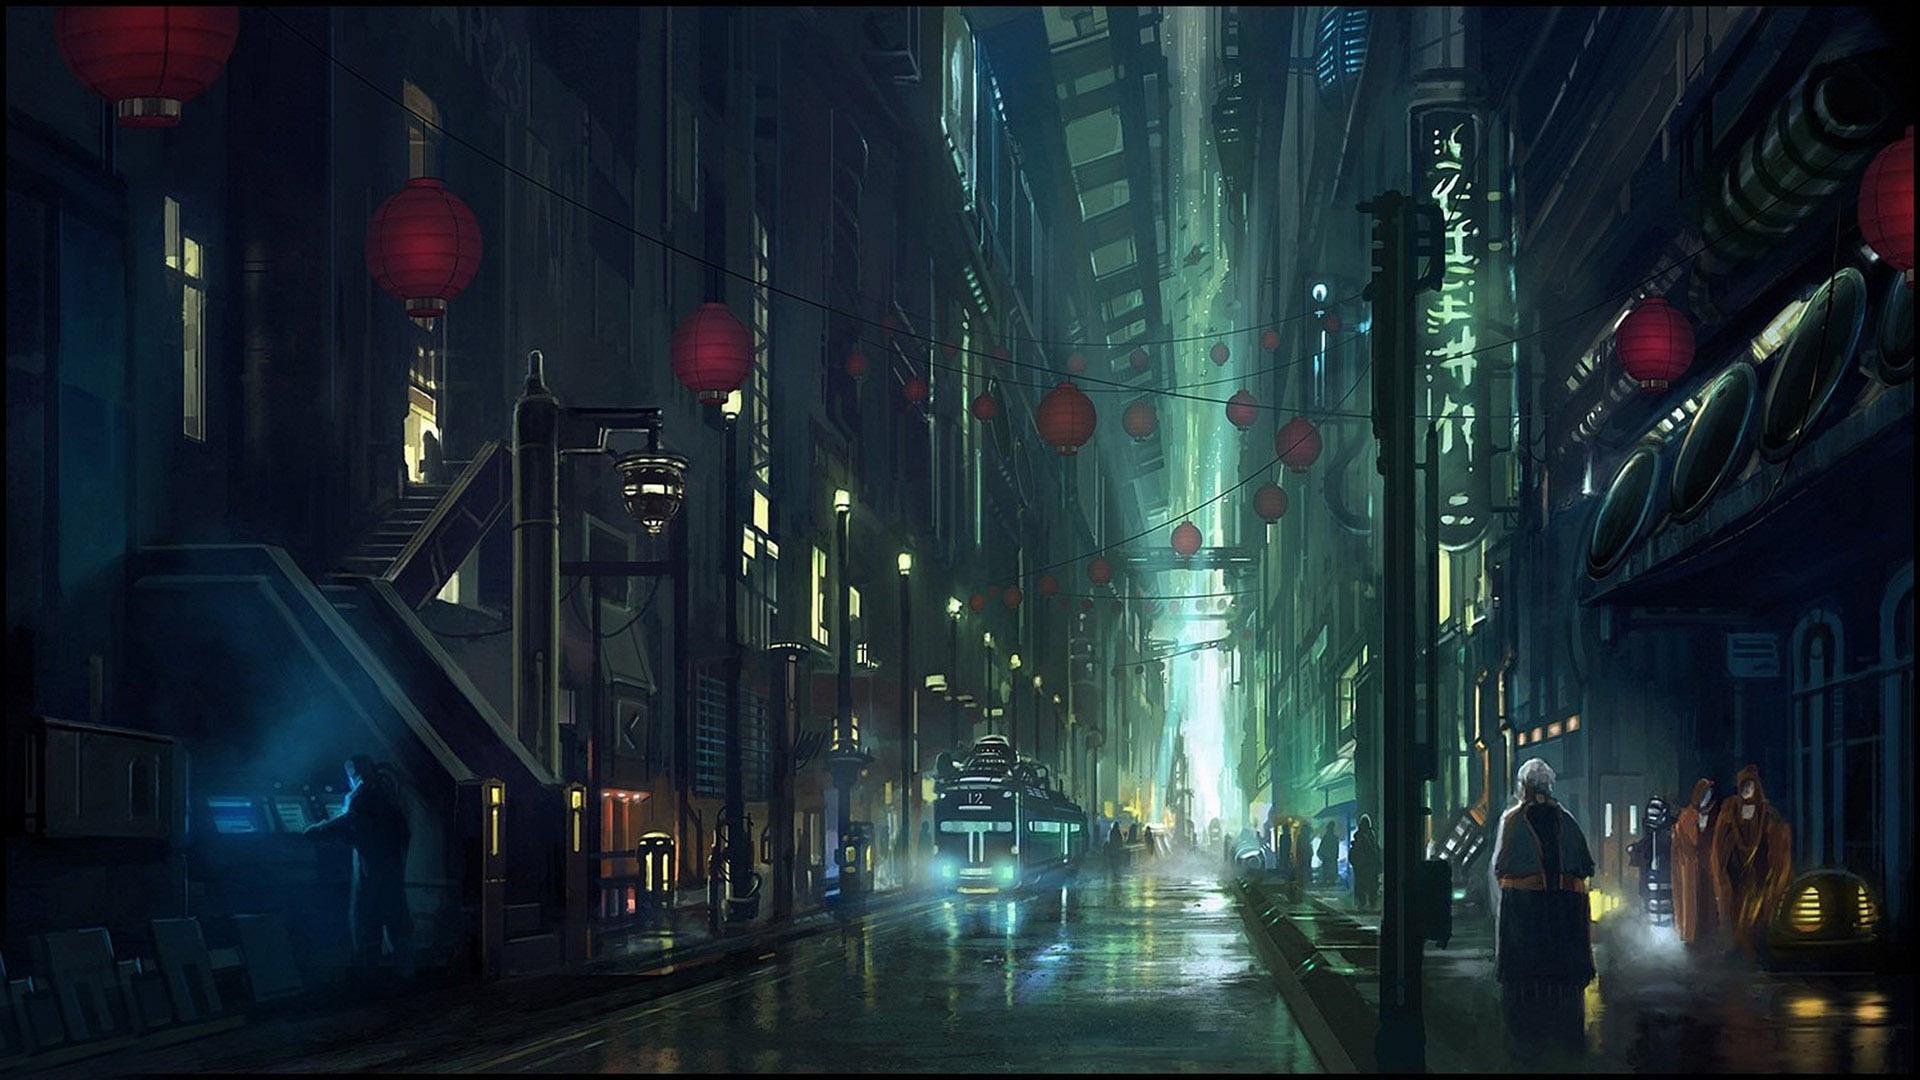 Cyberpunk city street wallpaper 14731 1920x1080